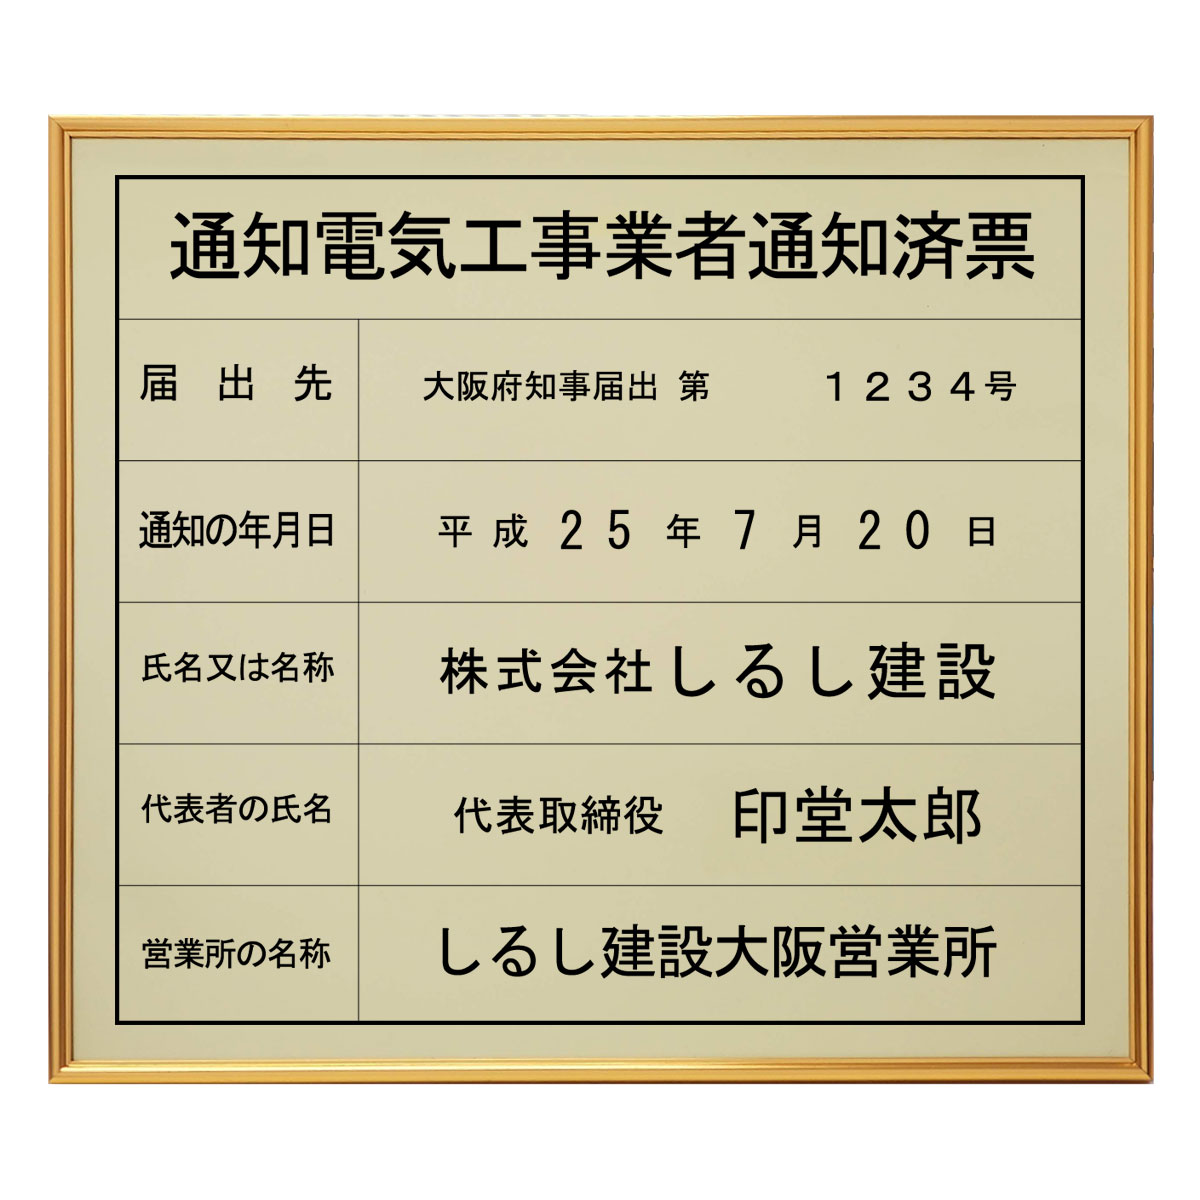 画像1: 通知電気工事業者通知済票スタンダードゴールド (1)